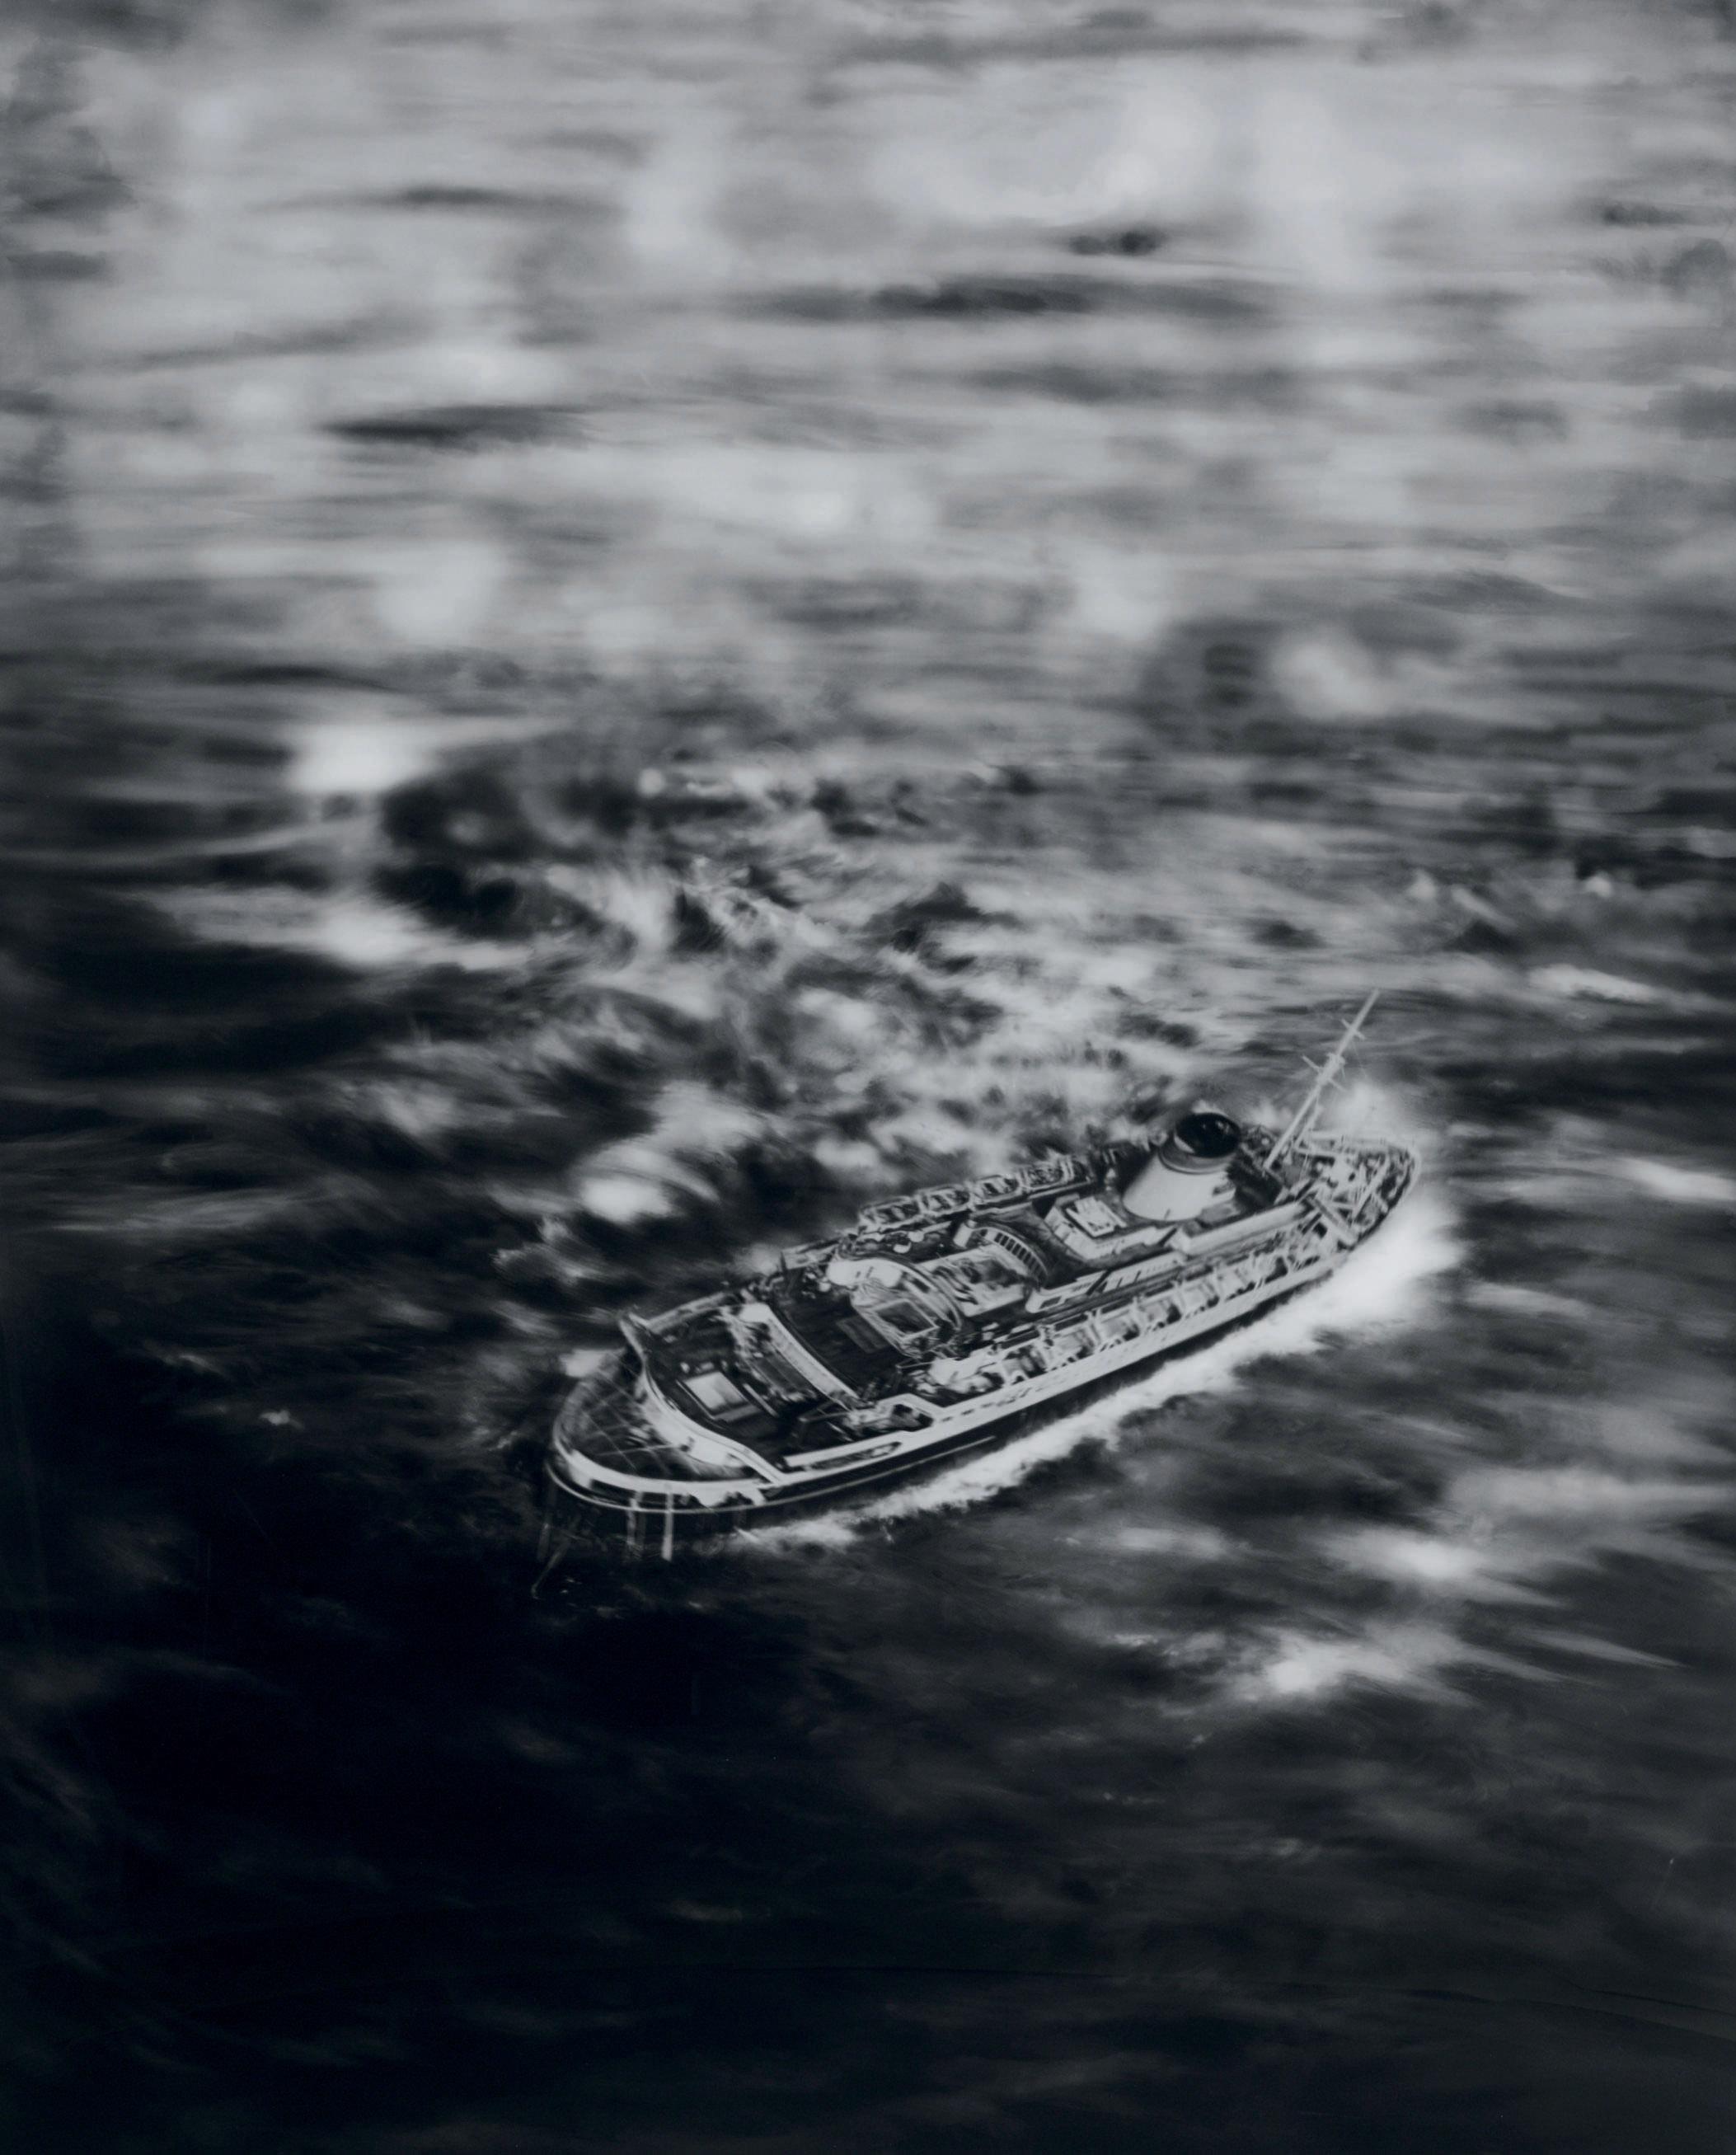 FLORIAN MAIER-AICHEN (B. 1973)